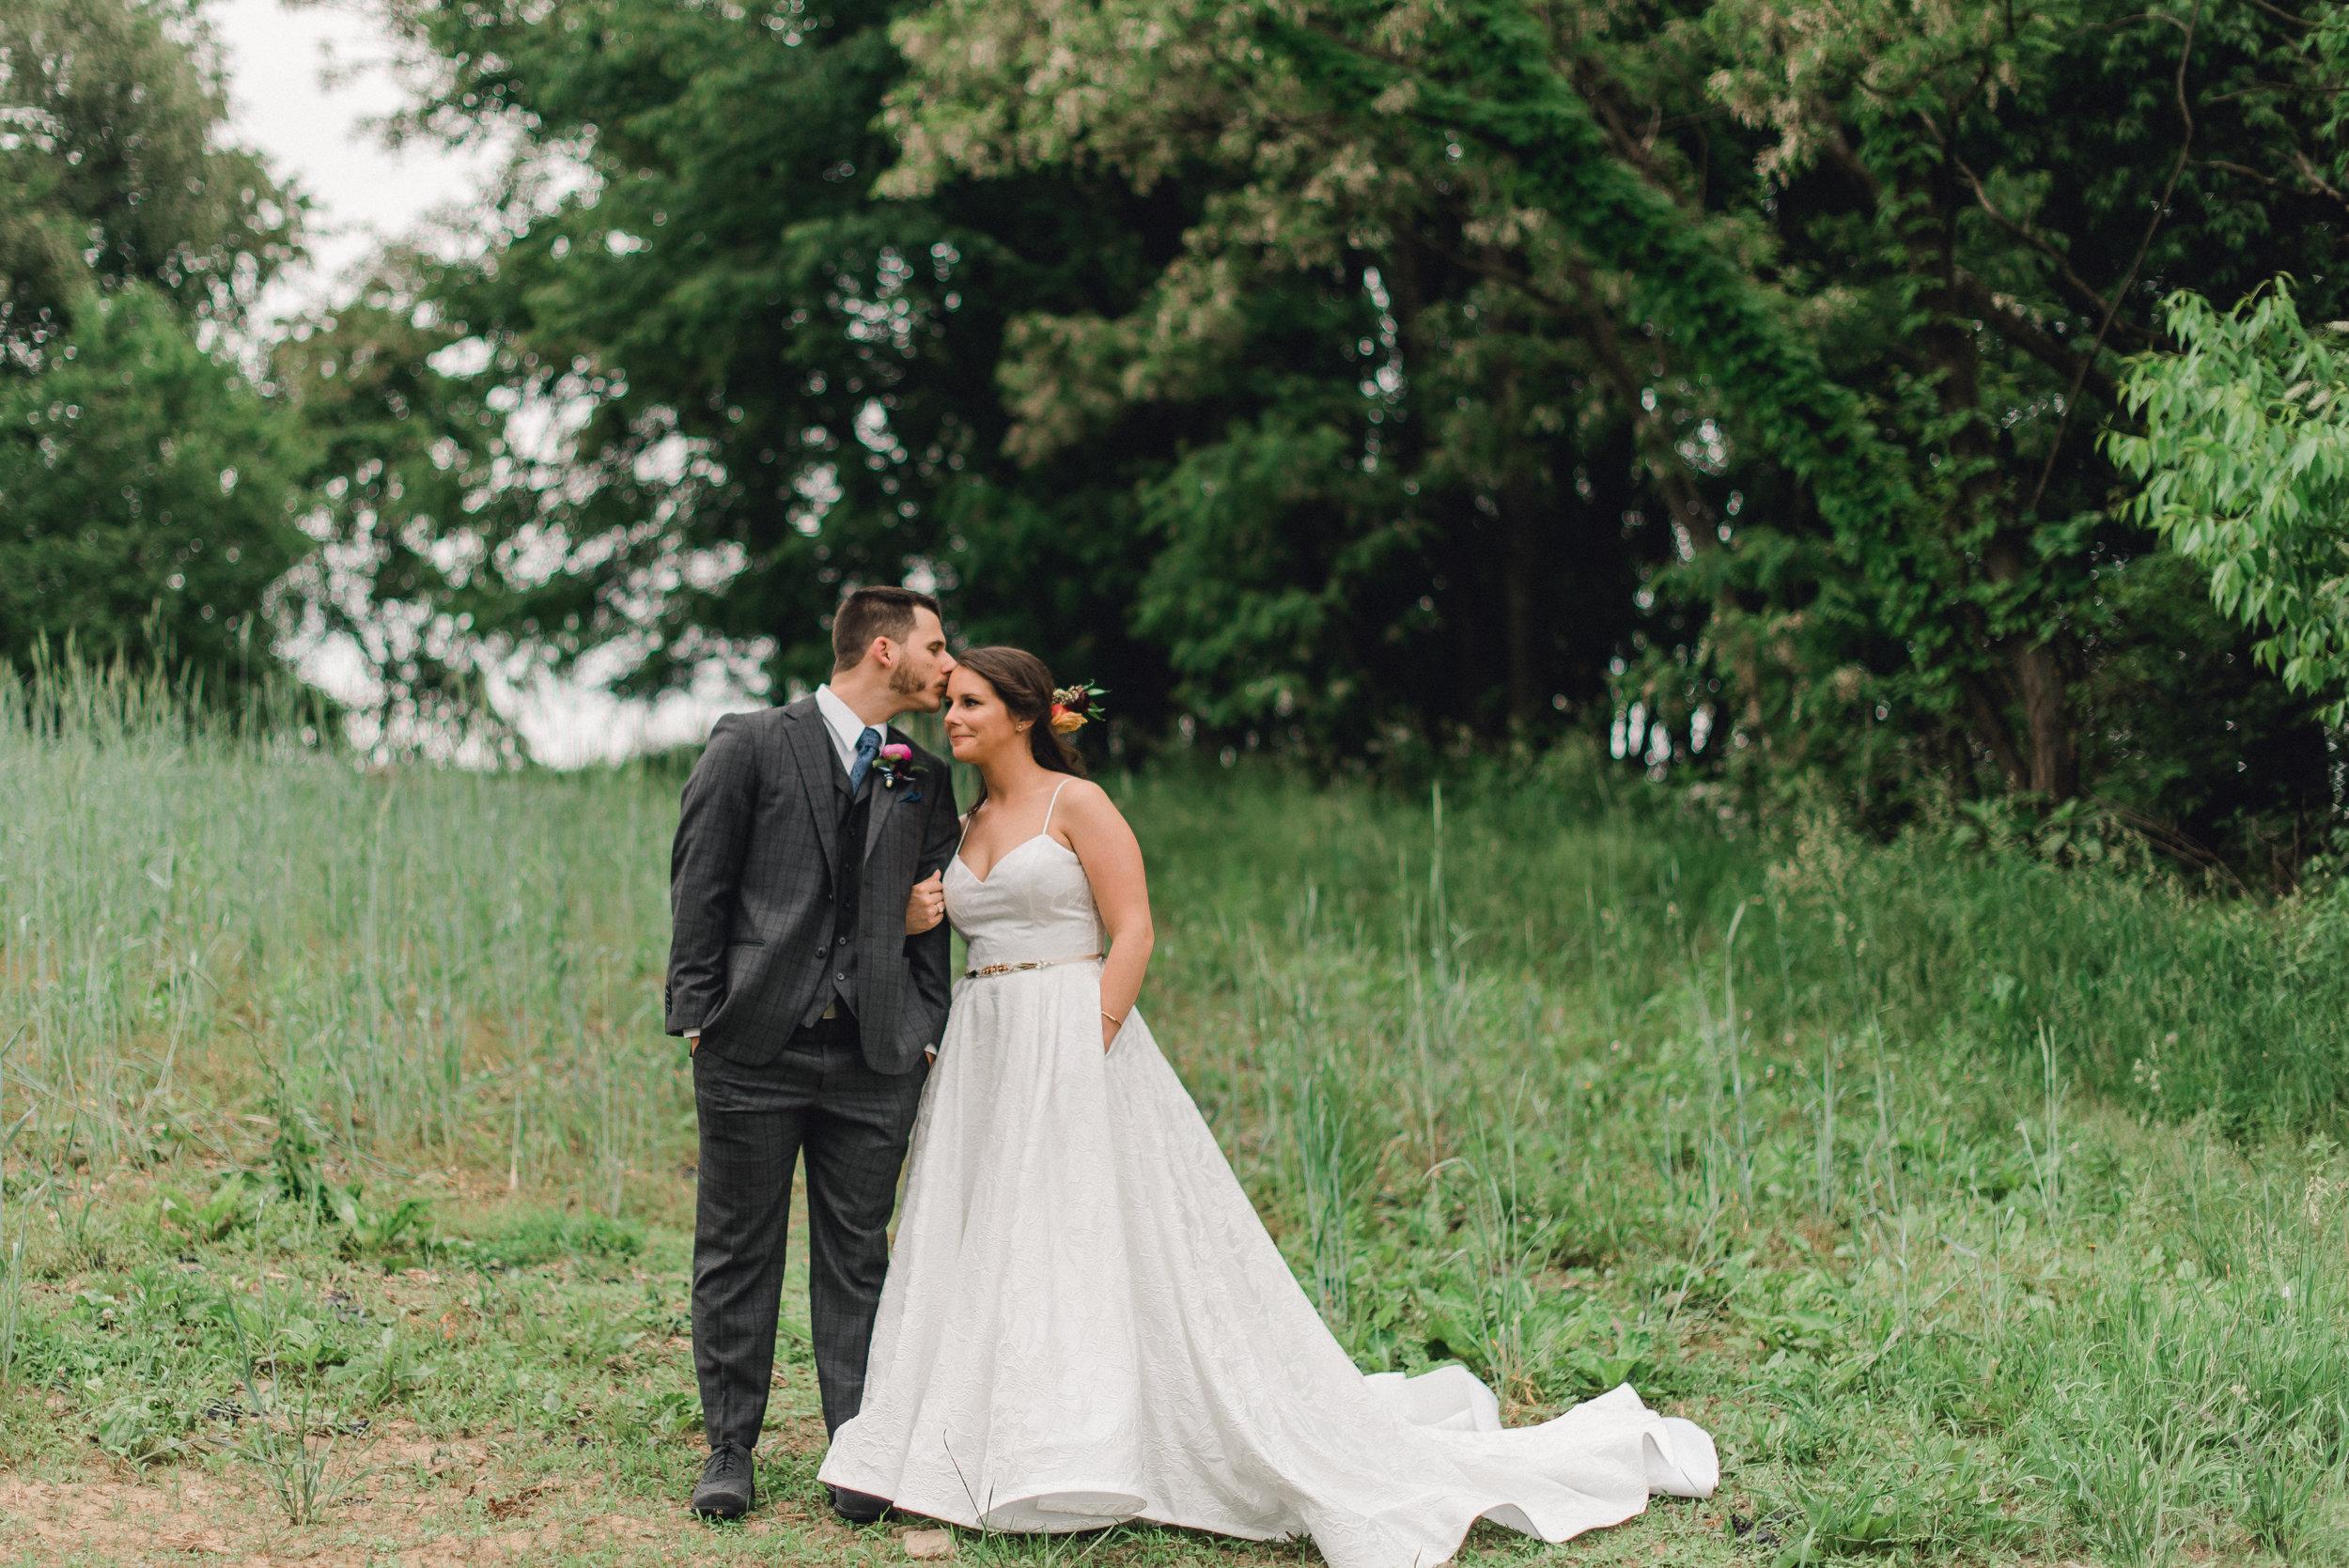 pittsburgh-wedding-bramblewood-farm-barn-wes-anderson-0019.jpg